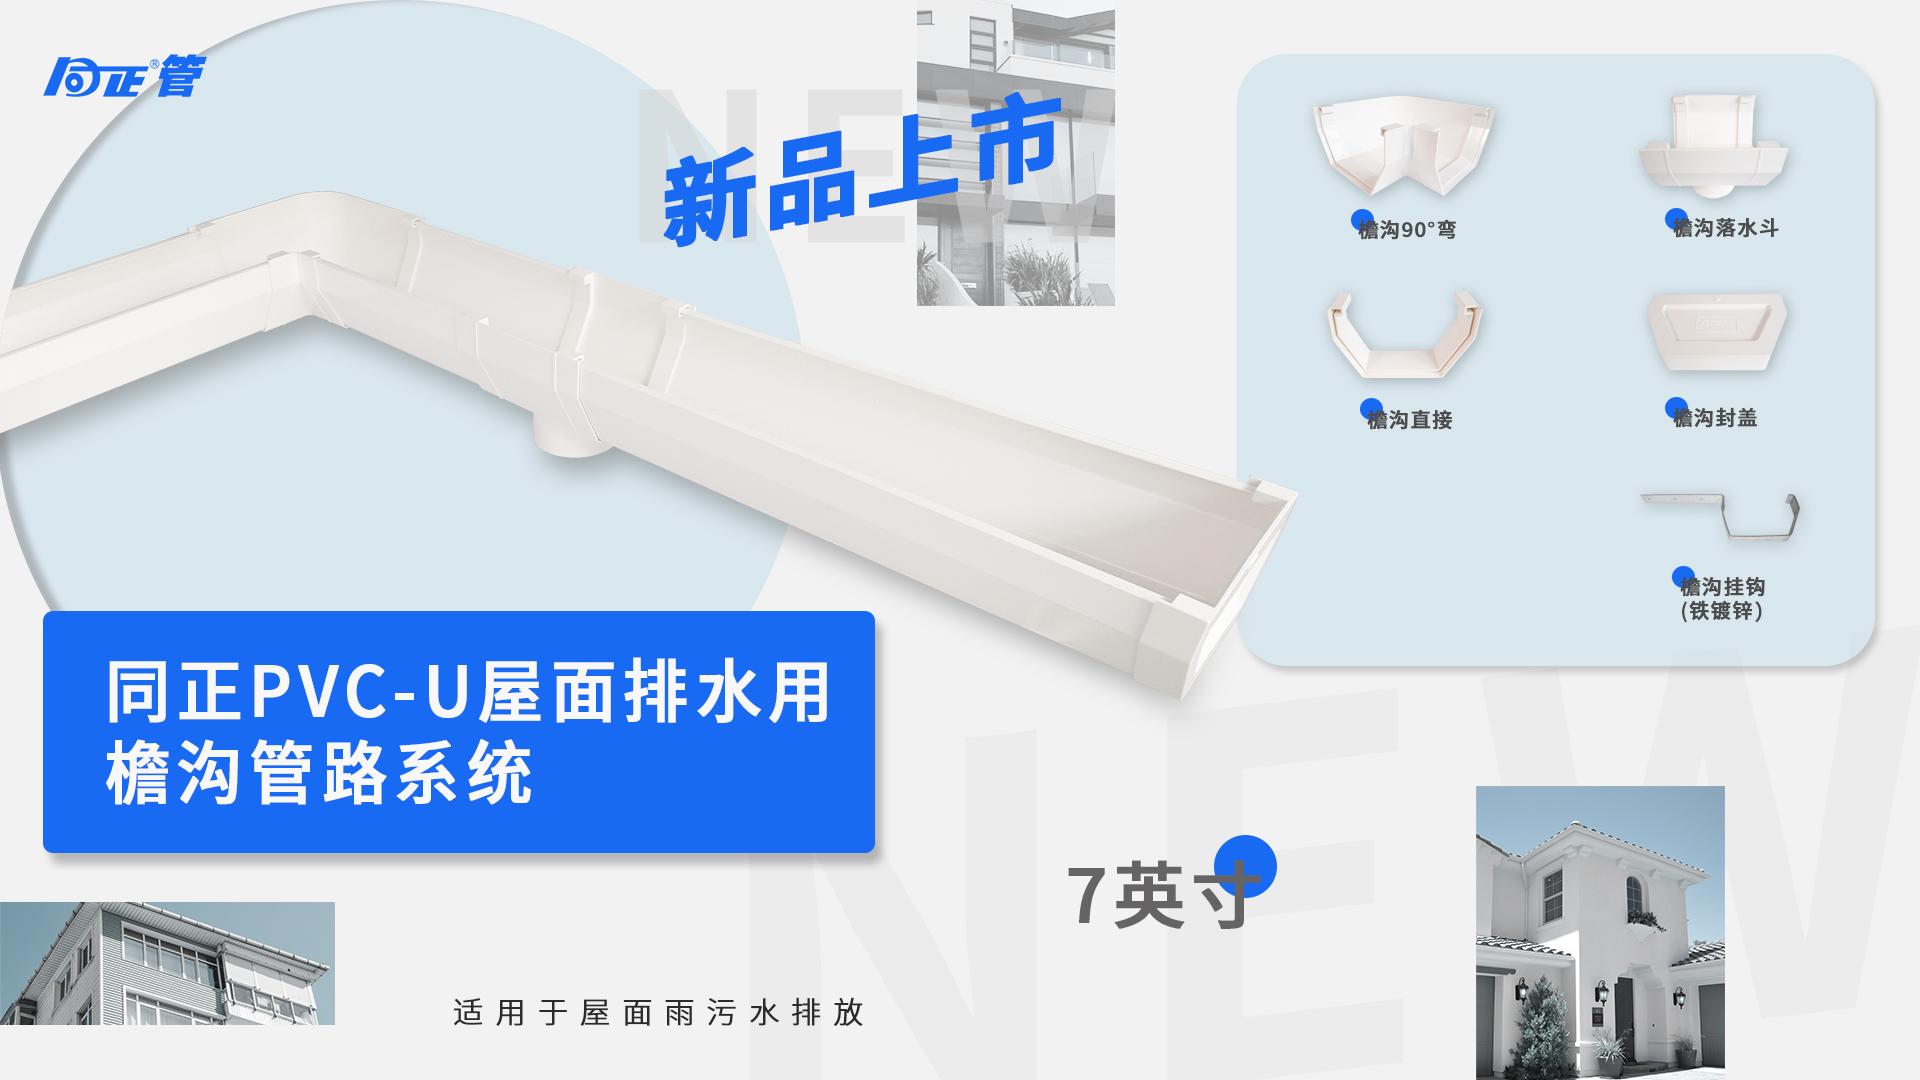 同正PVC-U屋面排水用管路系统上市